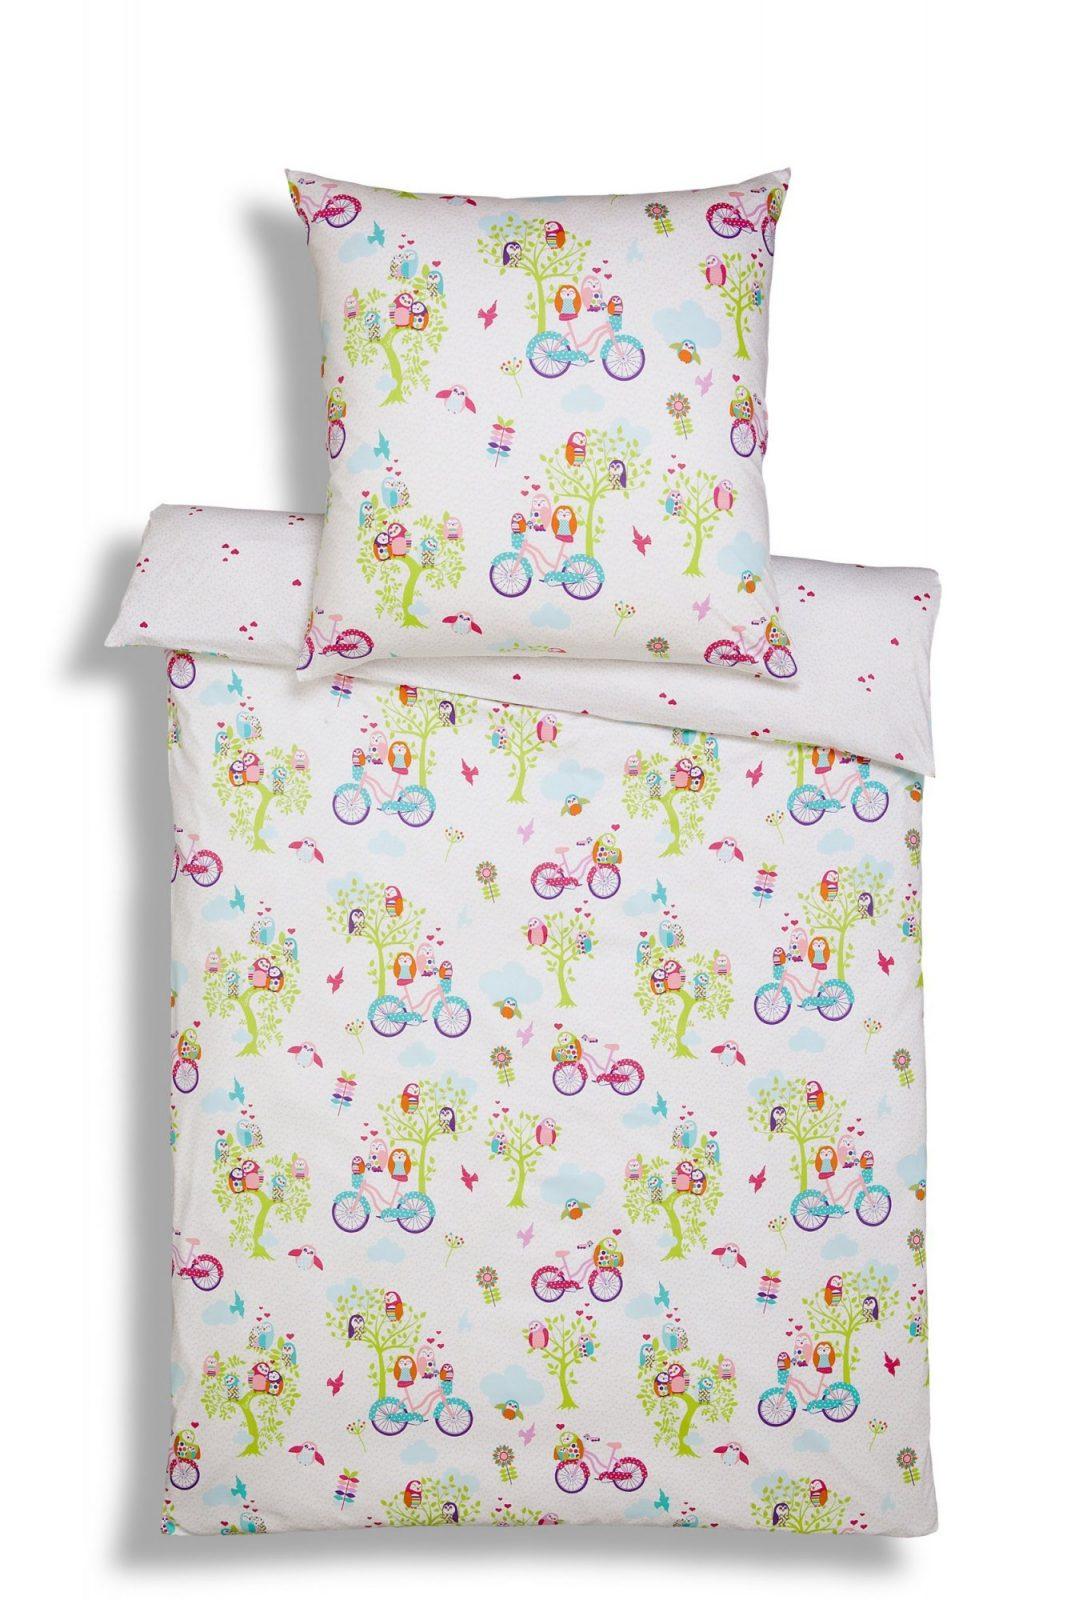 Estella Interlock Mako Jersey Kinder Bettwäsche Ida In Multicolor von Biber Bettwäsche Kindermotiv 135X200 Photo